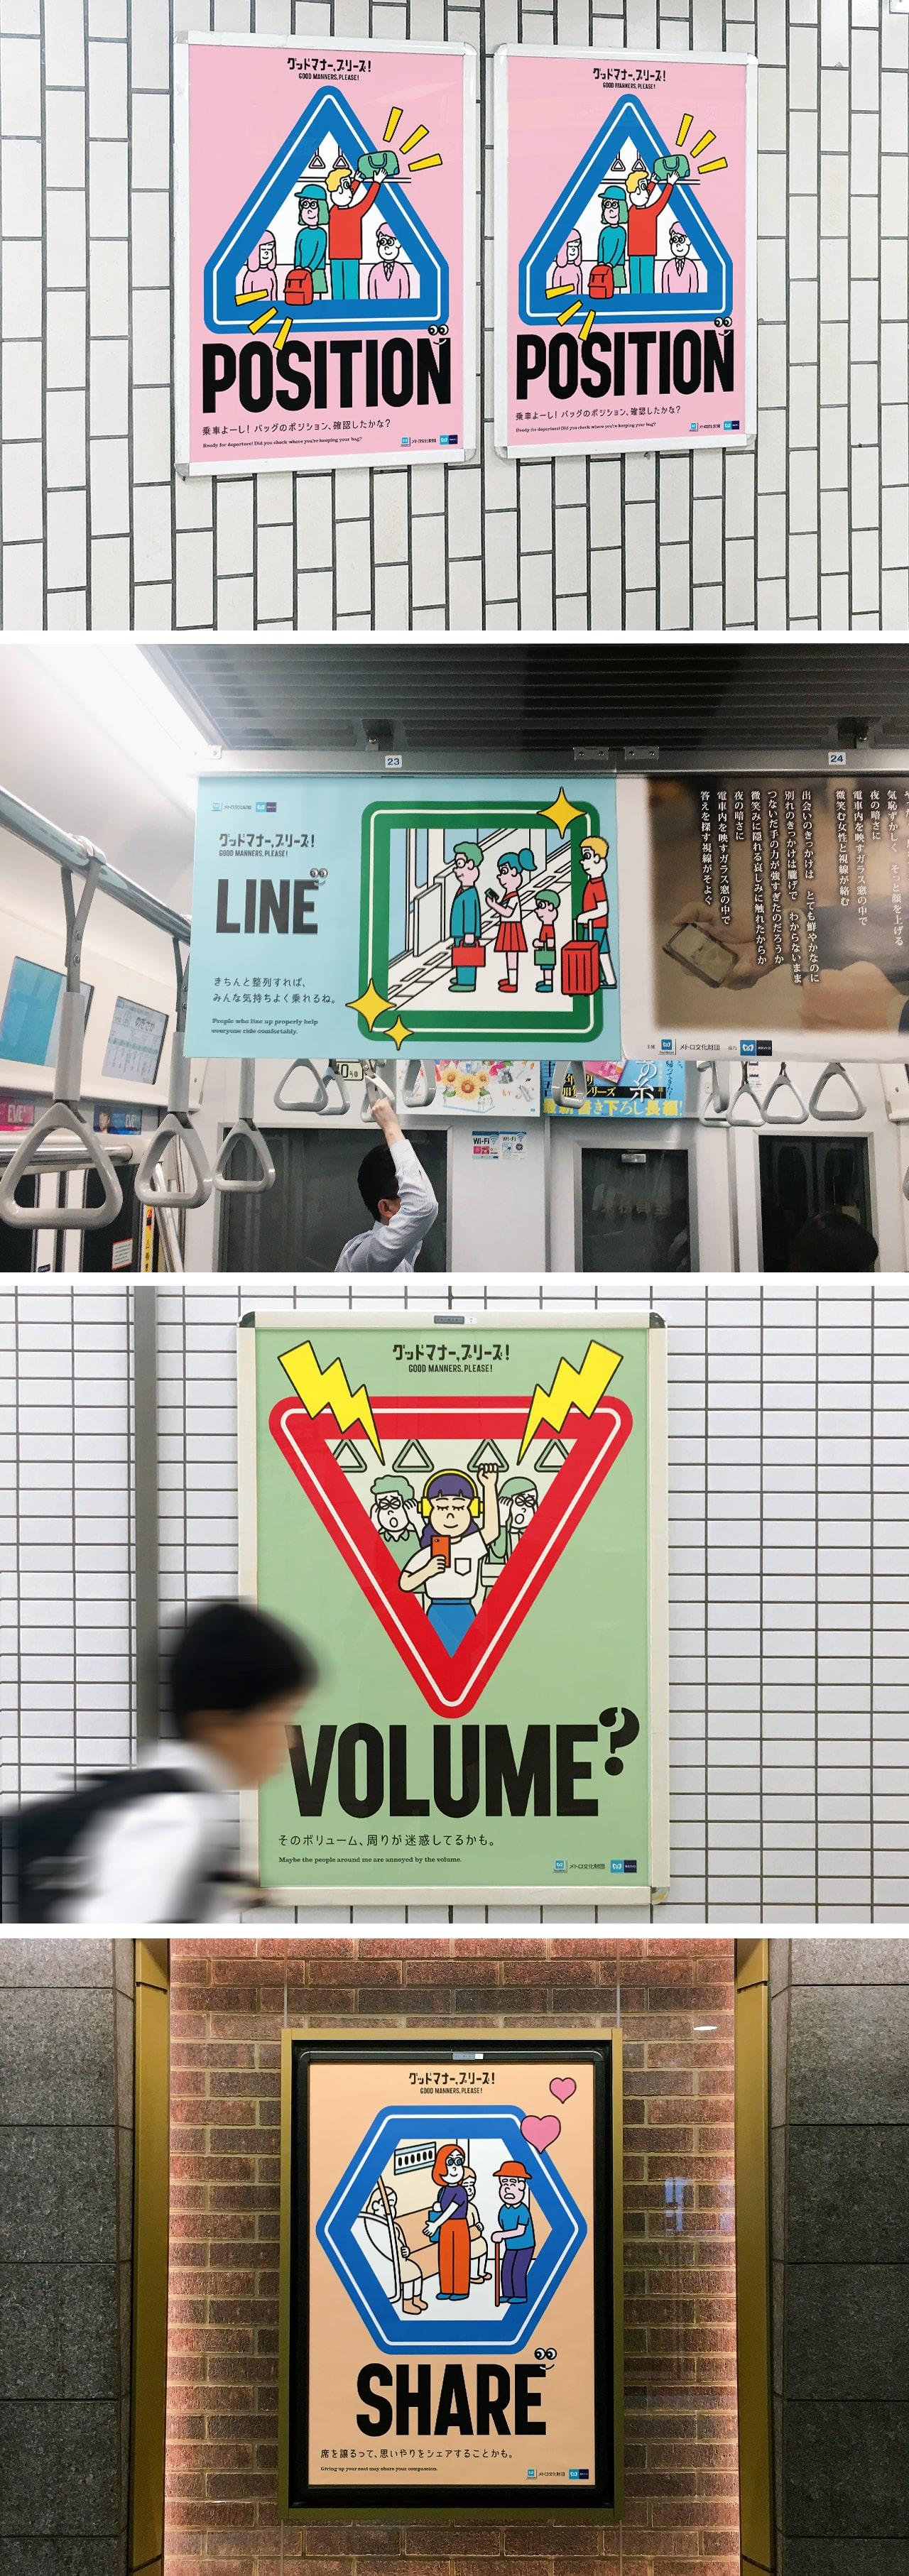 metromanner_2019_03-min